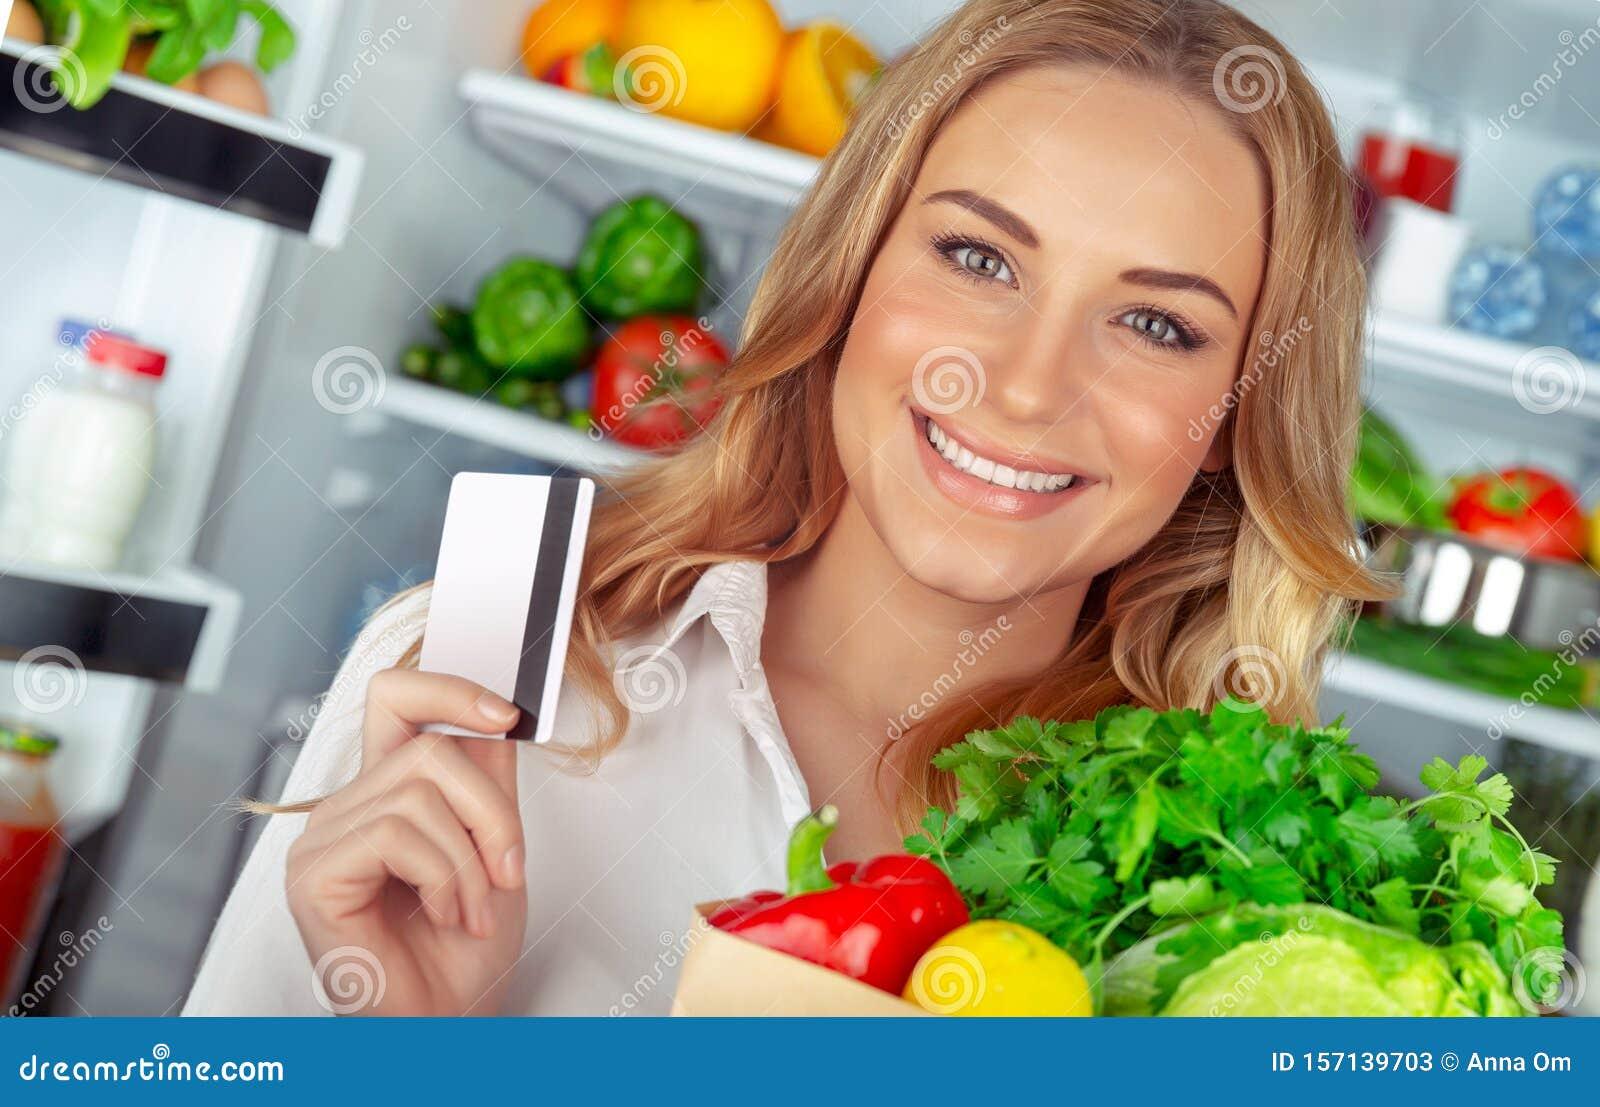 hälsosam mat för viktminskning